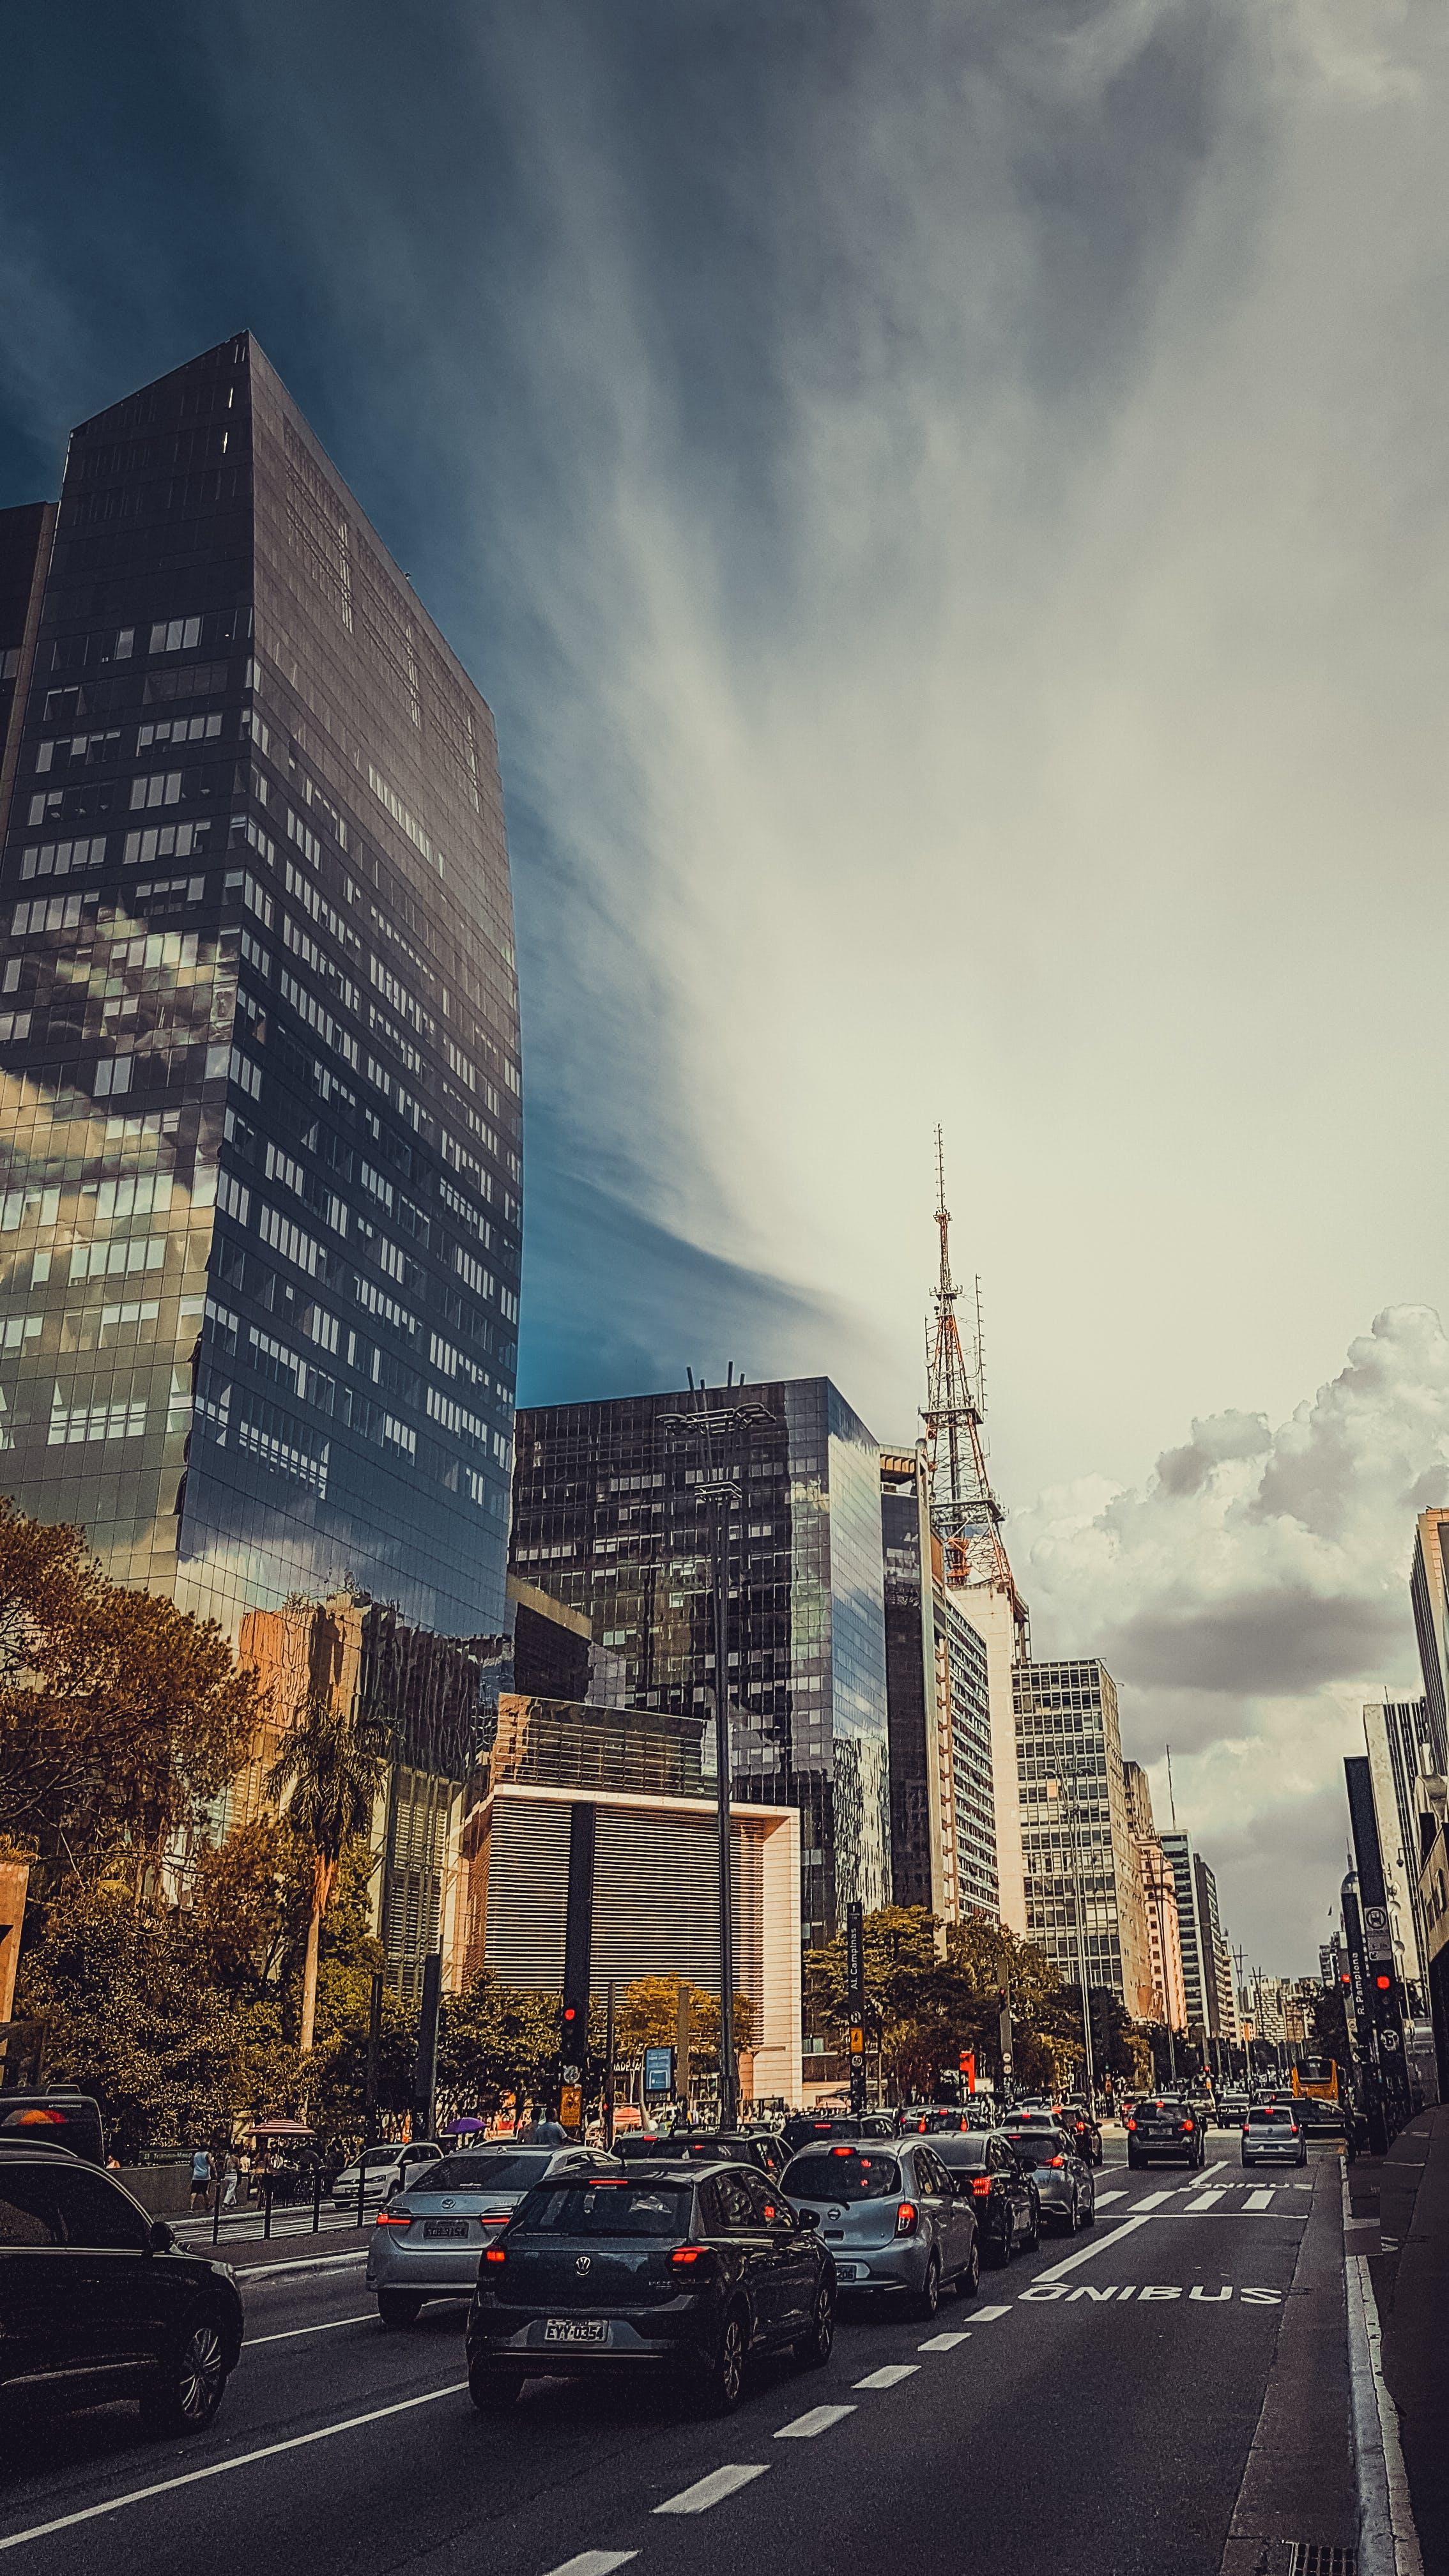 Ilmainen kuvapankkikuva tunnisteilla autot, kaupunki, kaupunkinäkymä, sininen taivas